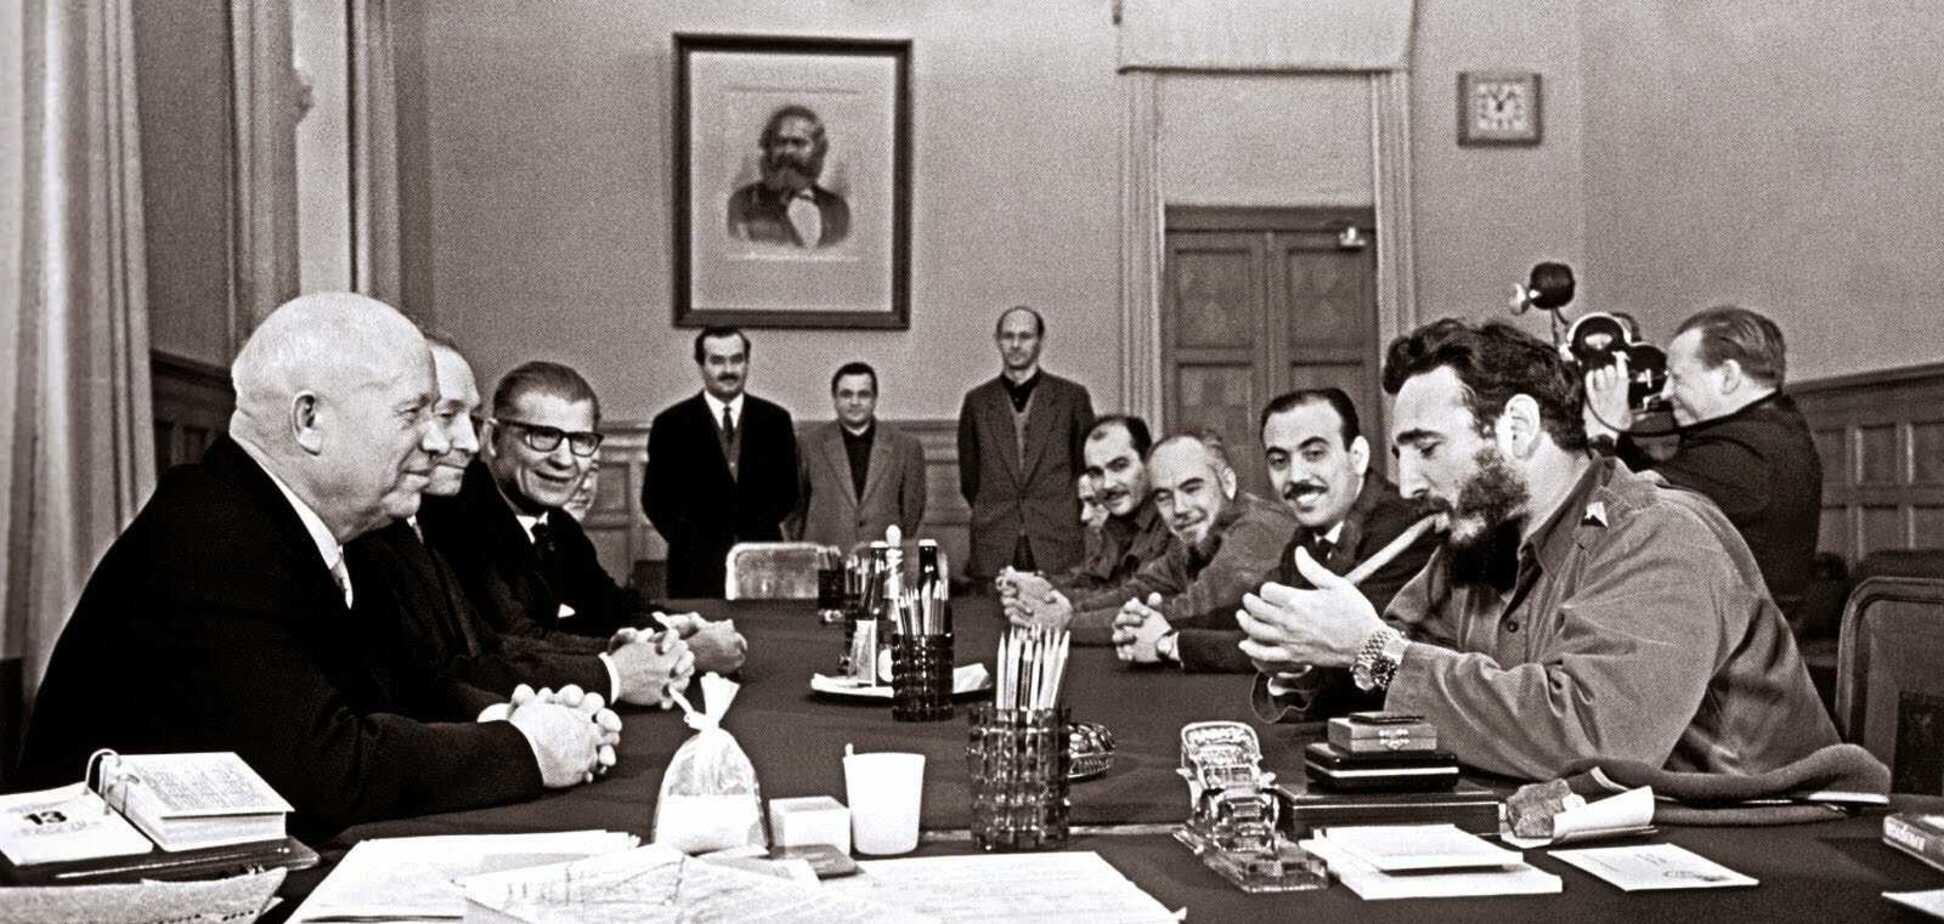 Візит Фіделя Кастро до СРСР в 1963 році